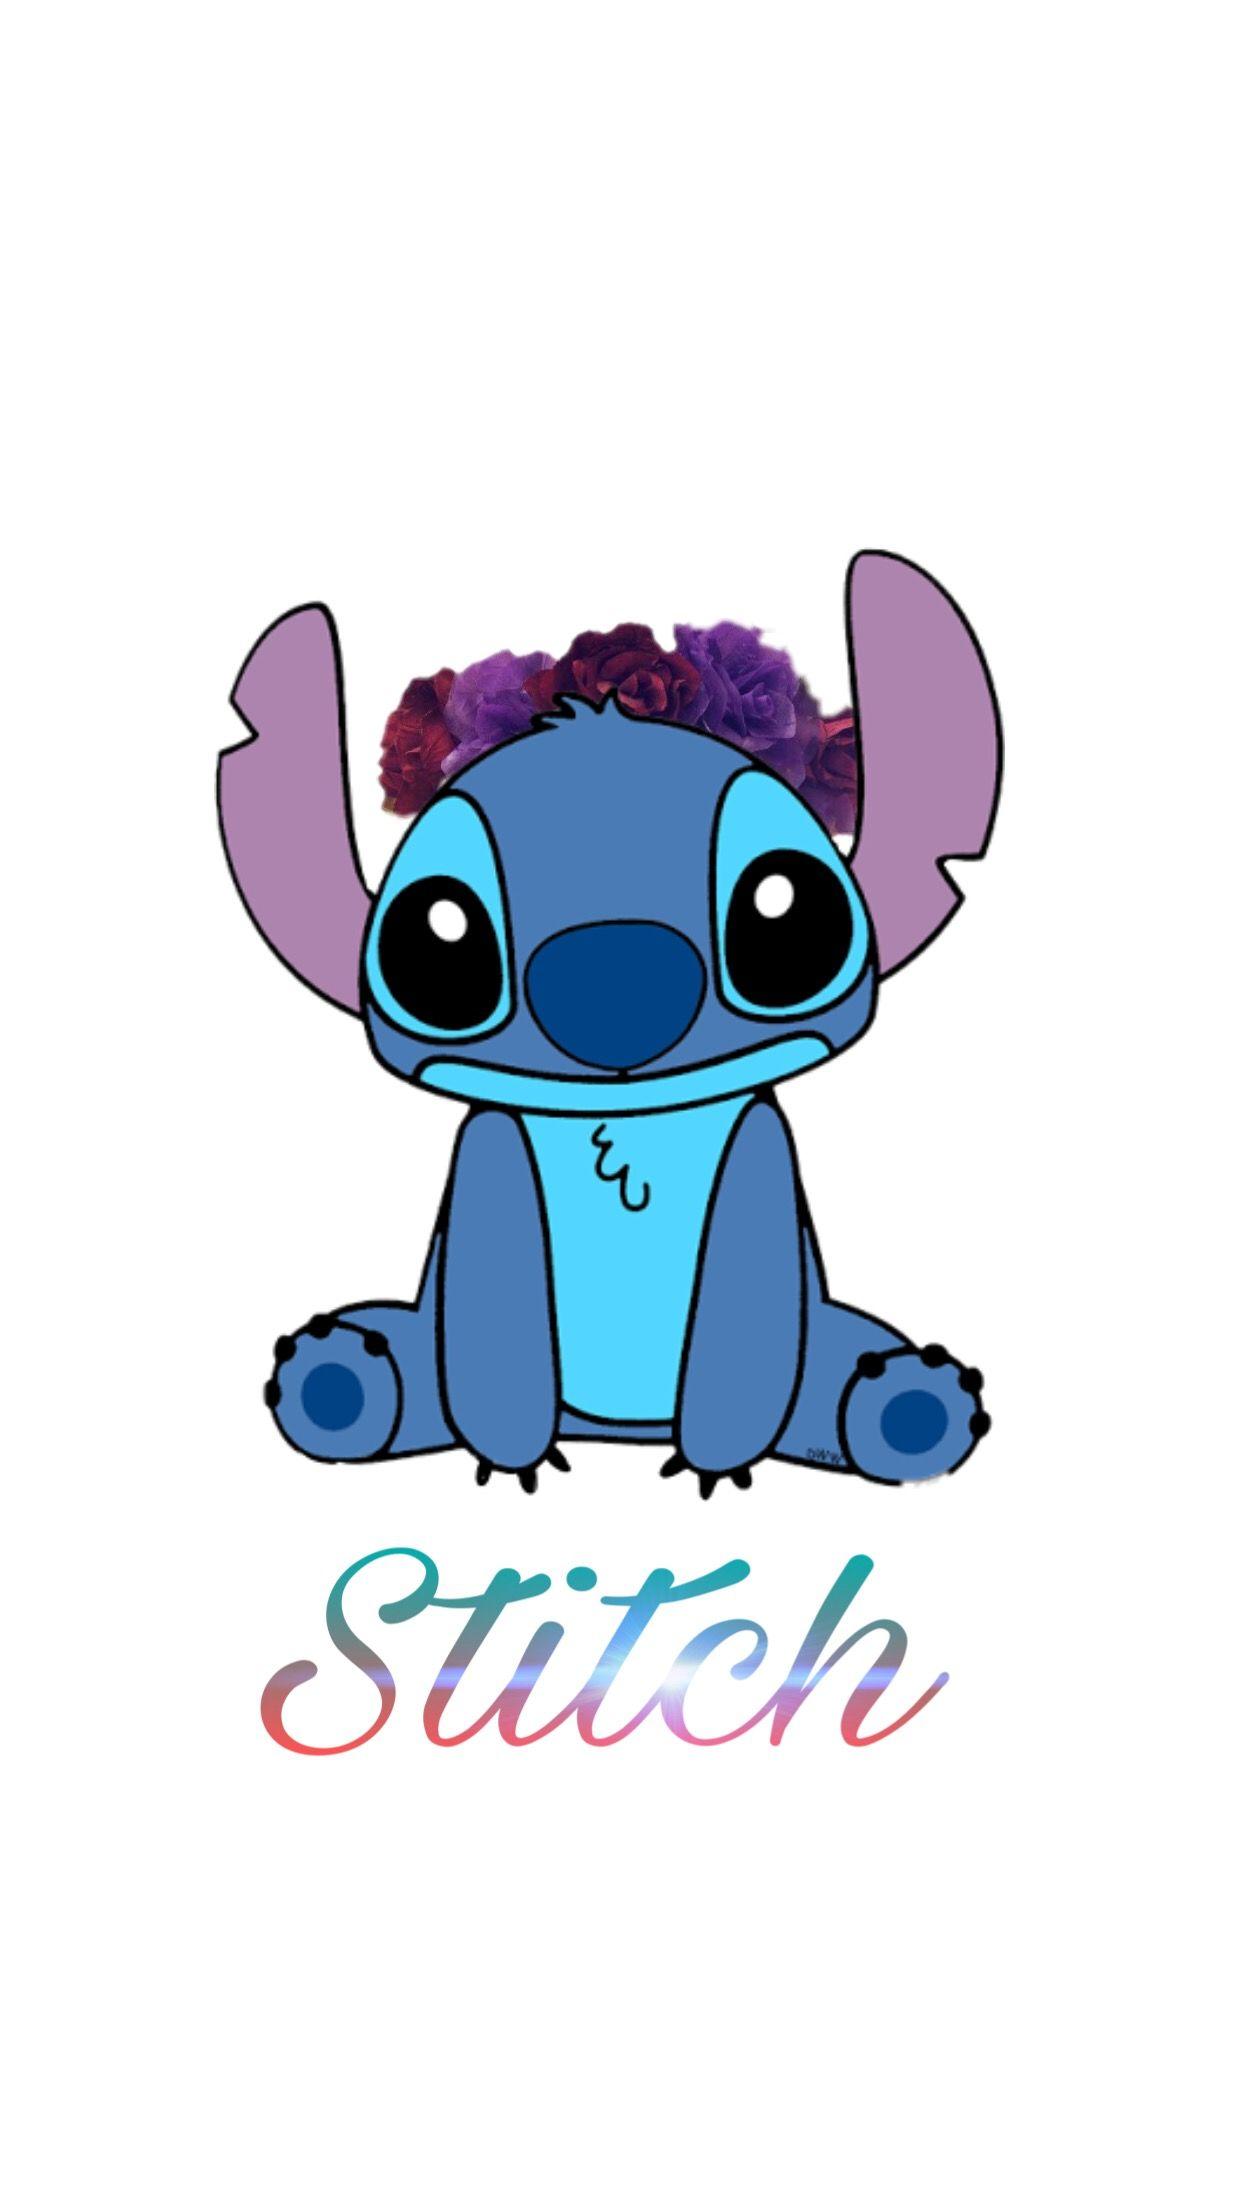 I M Cute Papel De Parede Fofo Disney Papel De Parede Celular Fofo Desenho Wallpapers Bonitos